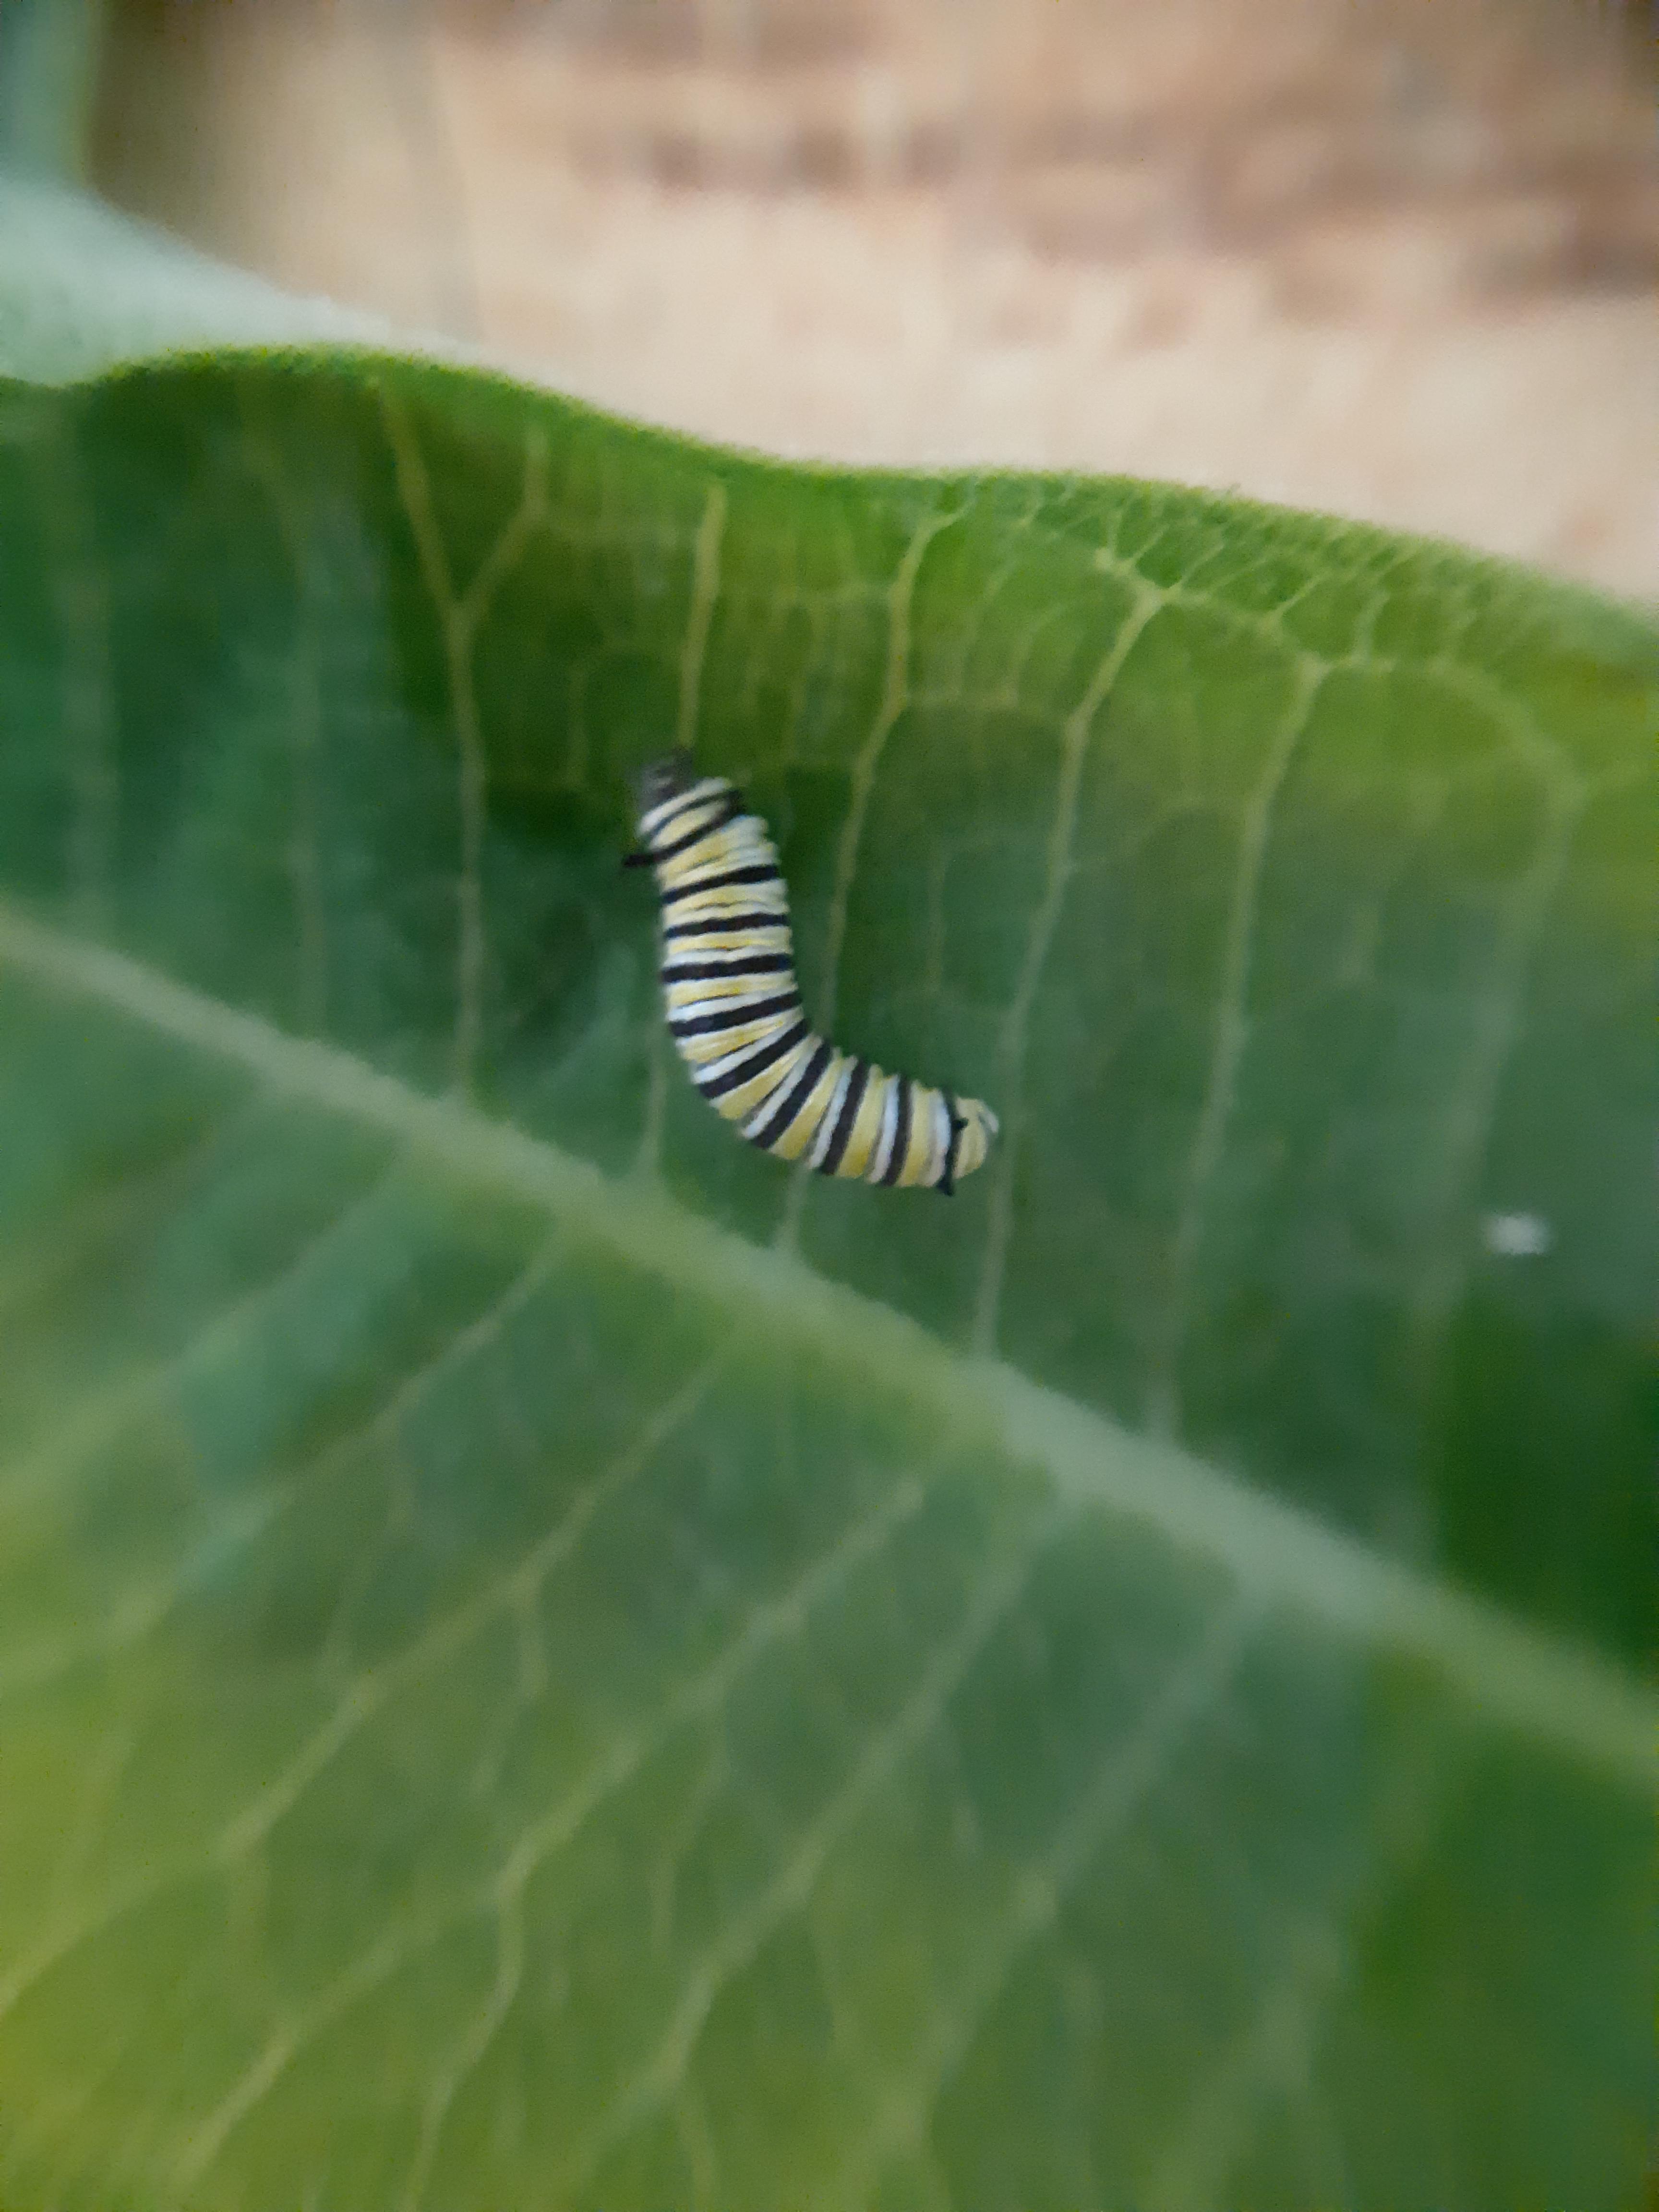 2nd instar